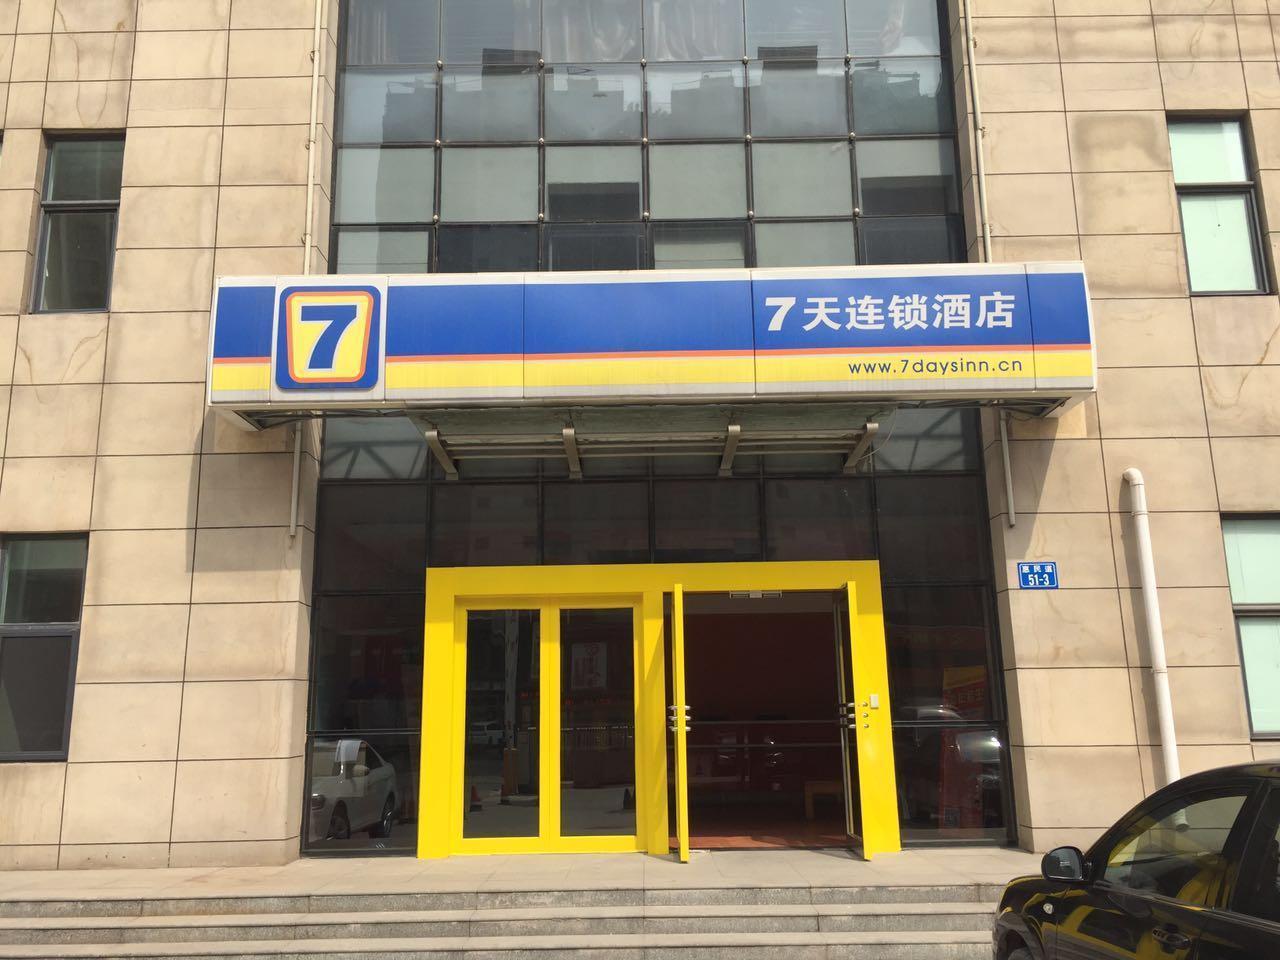 7 Days Inn�Tangshan Guangming Road